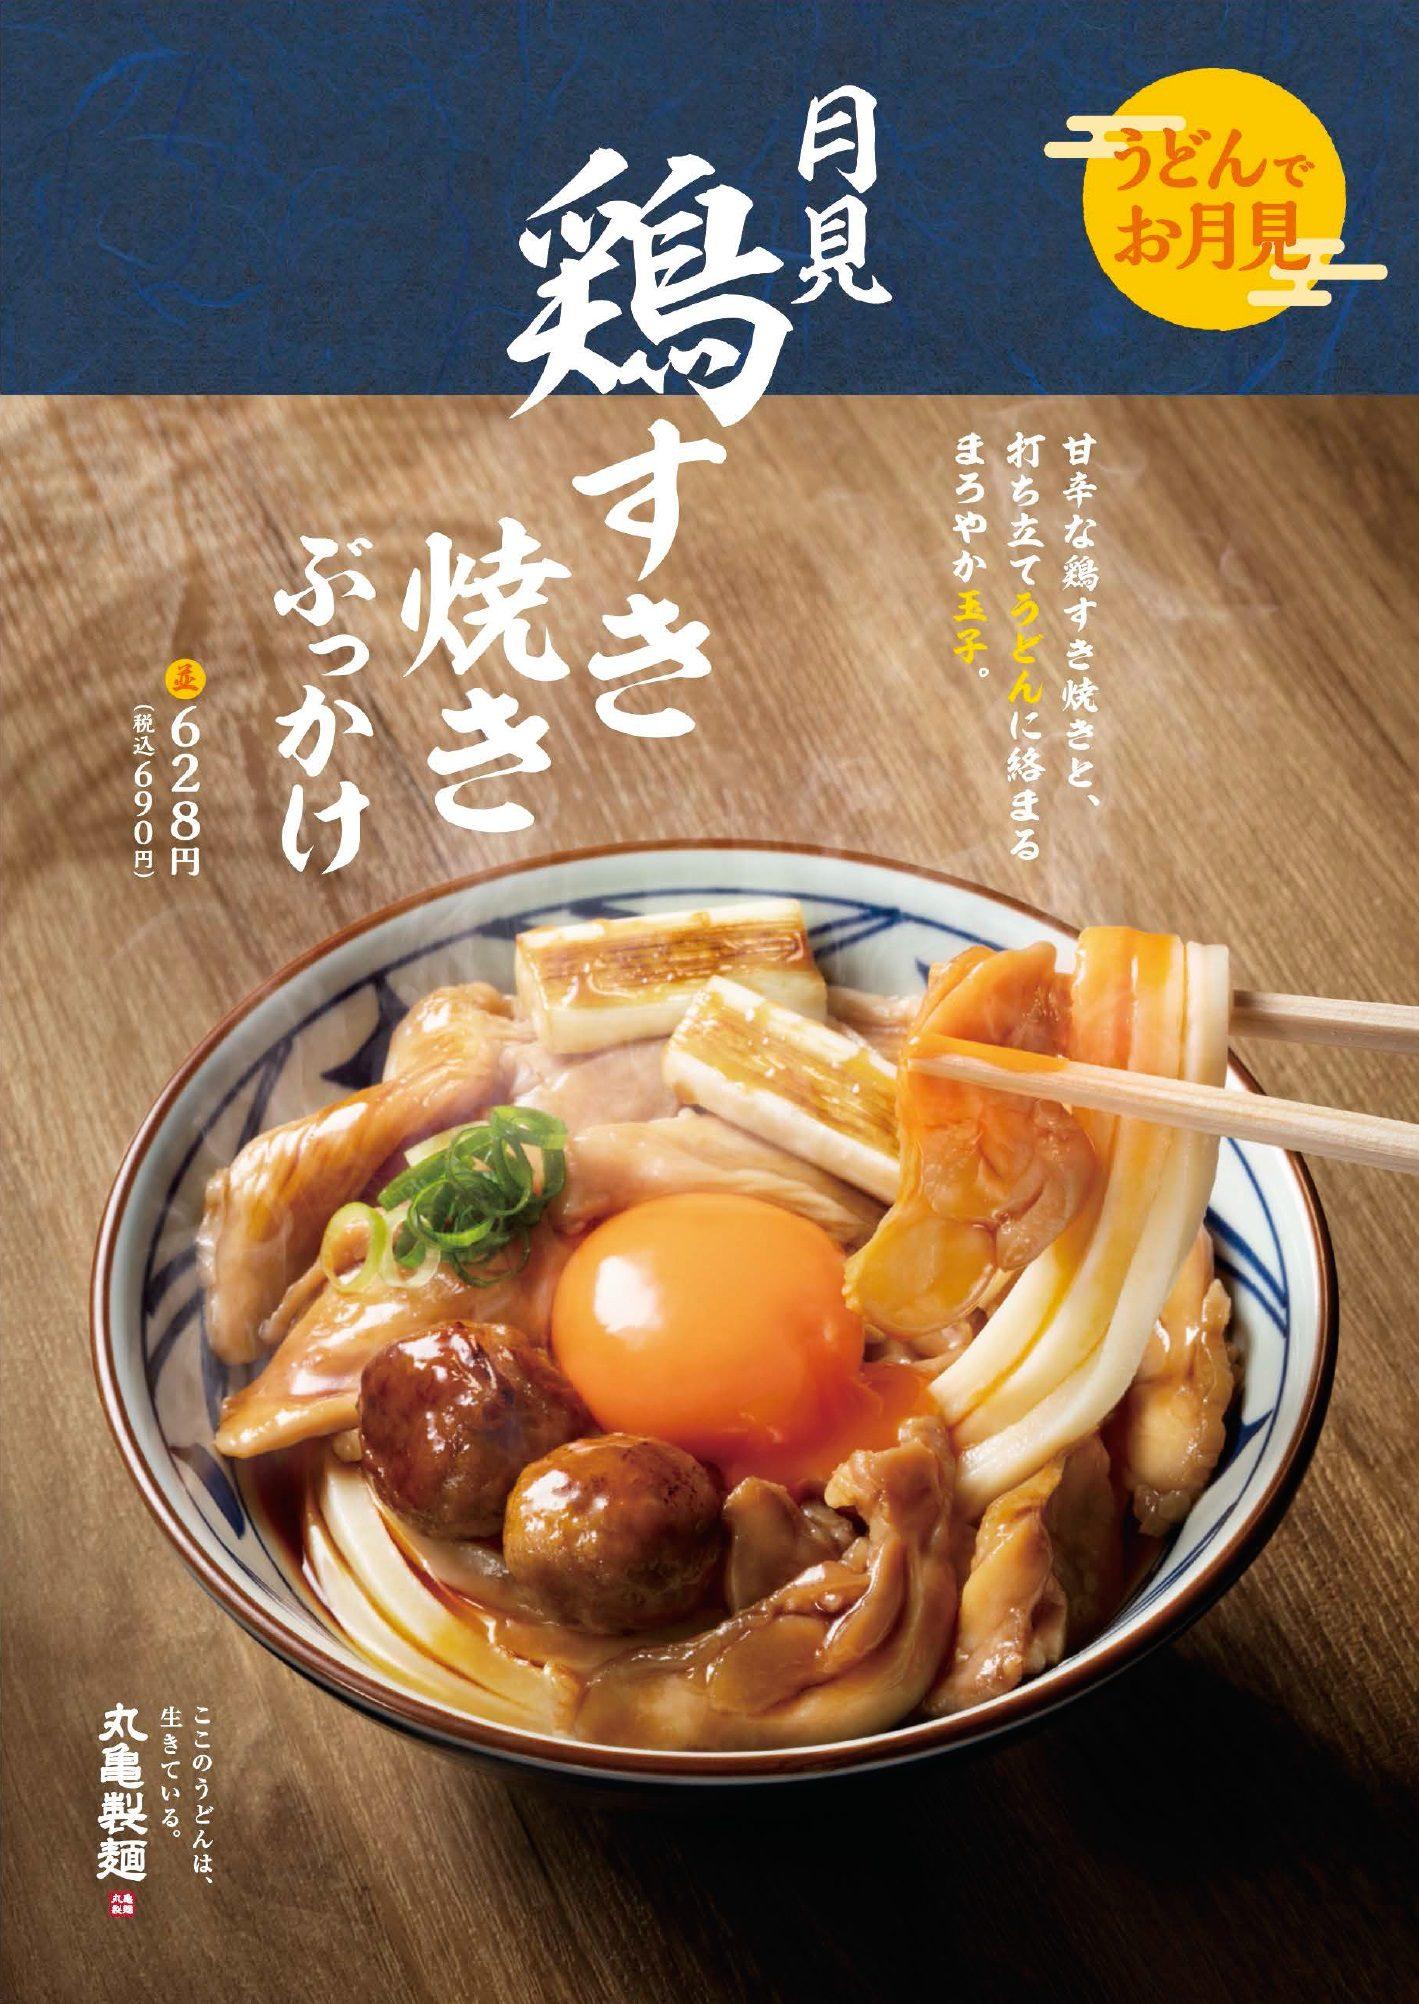 丸亀製麺「月見鶏すき焼きぶっかけ」